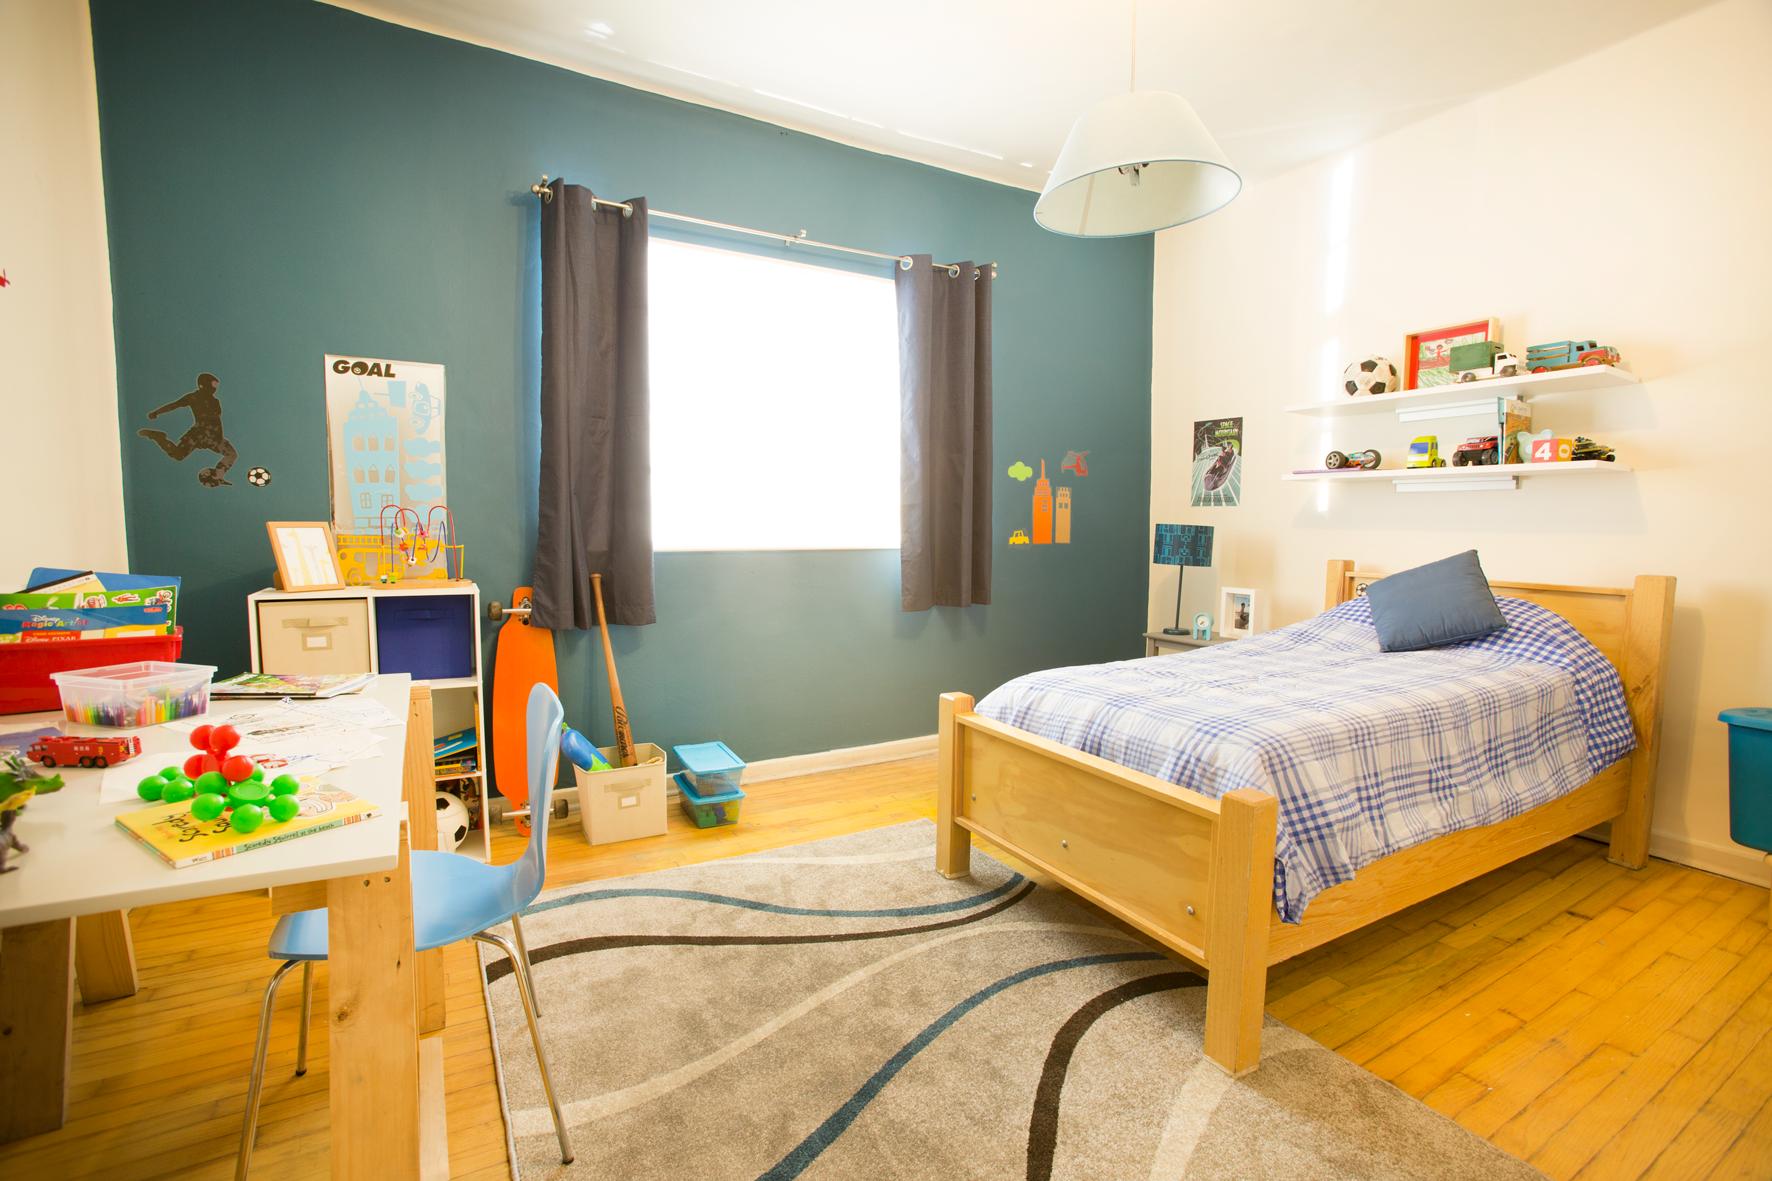 Utiliza accesorios para completar la decoraci n del cuarto - Habitacion juvenil nino ...